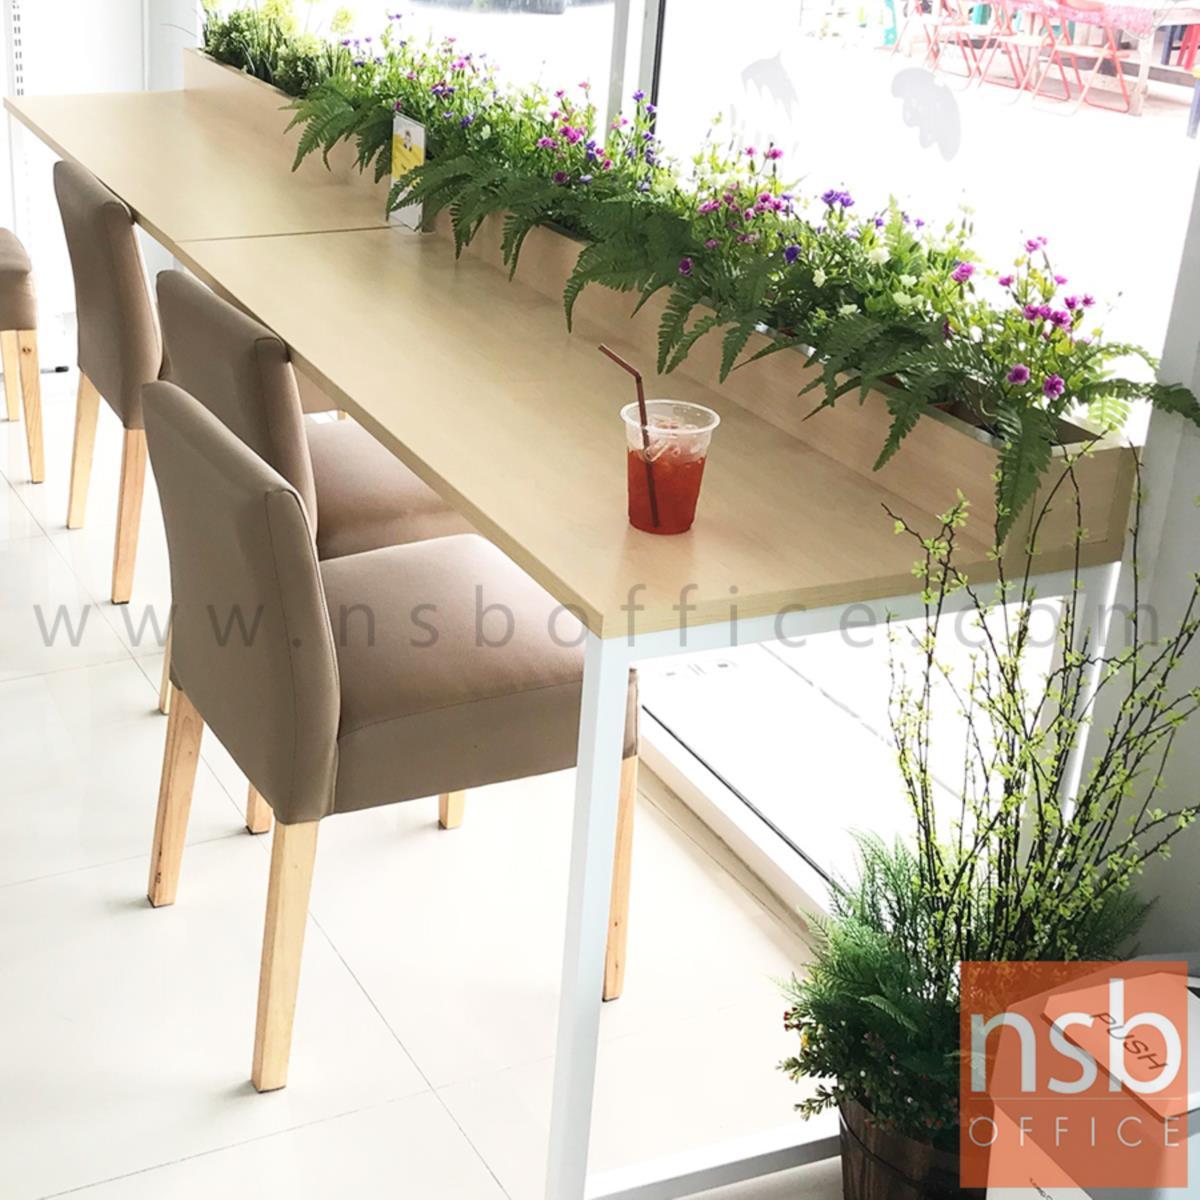 โต๊ะโล่งพร้อมกล่องวางต้นไม้ 150W cm. CP-4004  ขาเหล็กทำสี